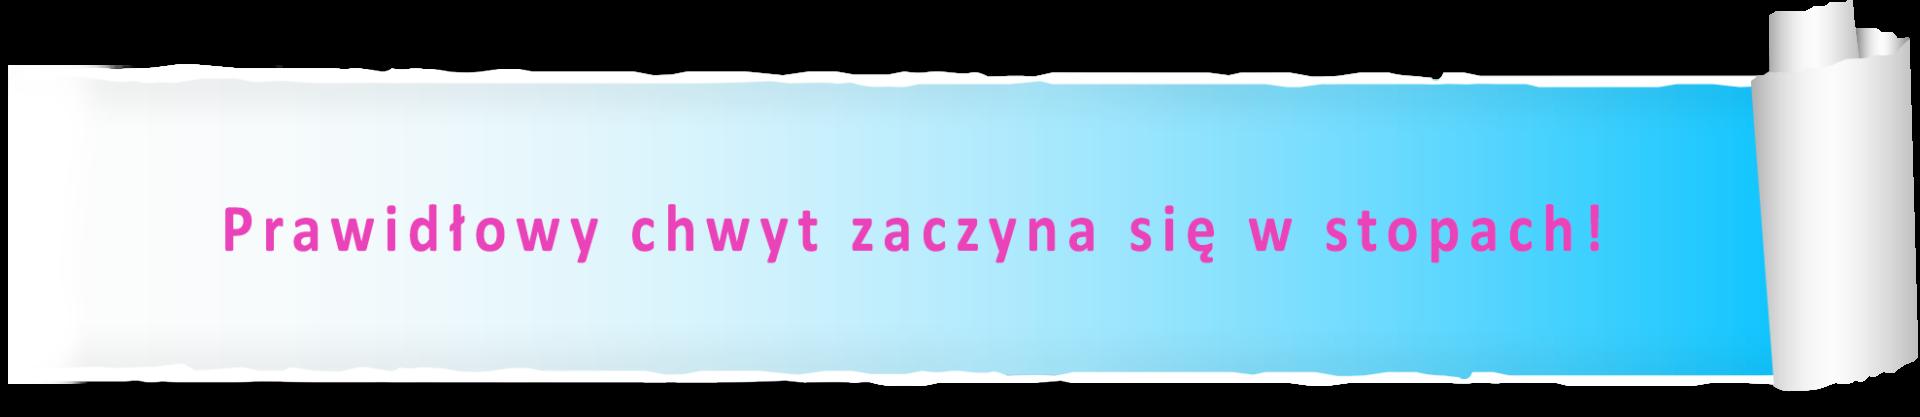 rulon-prawidlowy-chwyt-zaczyna-sie-w-stopach_(1)